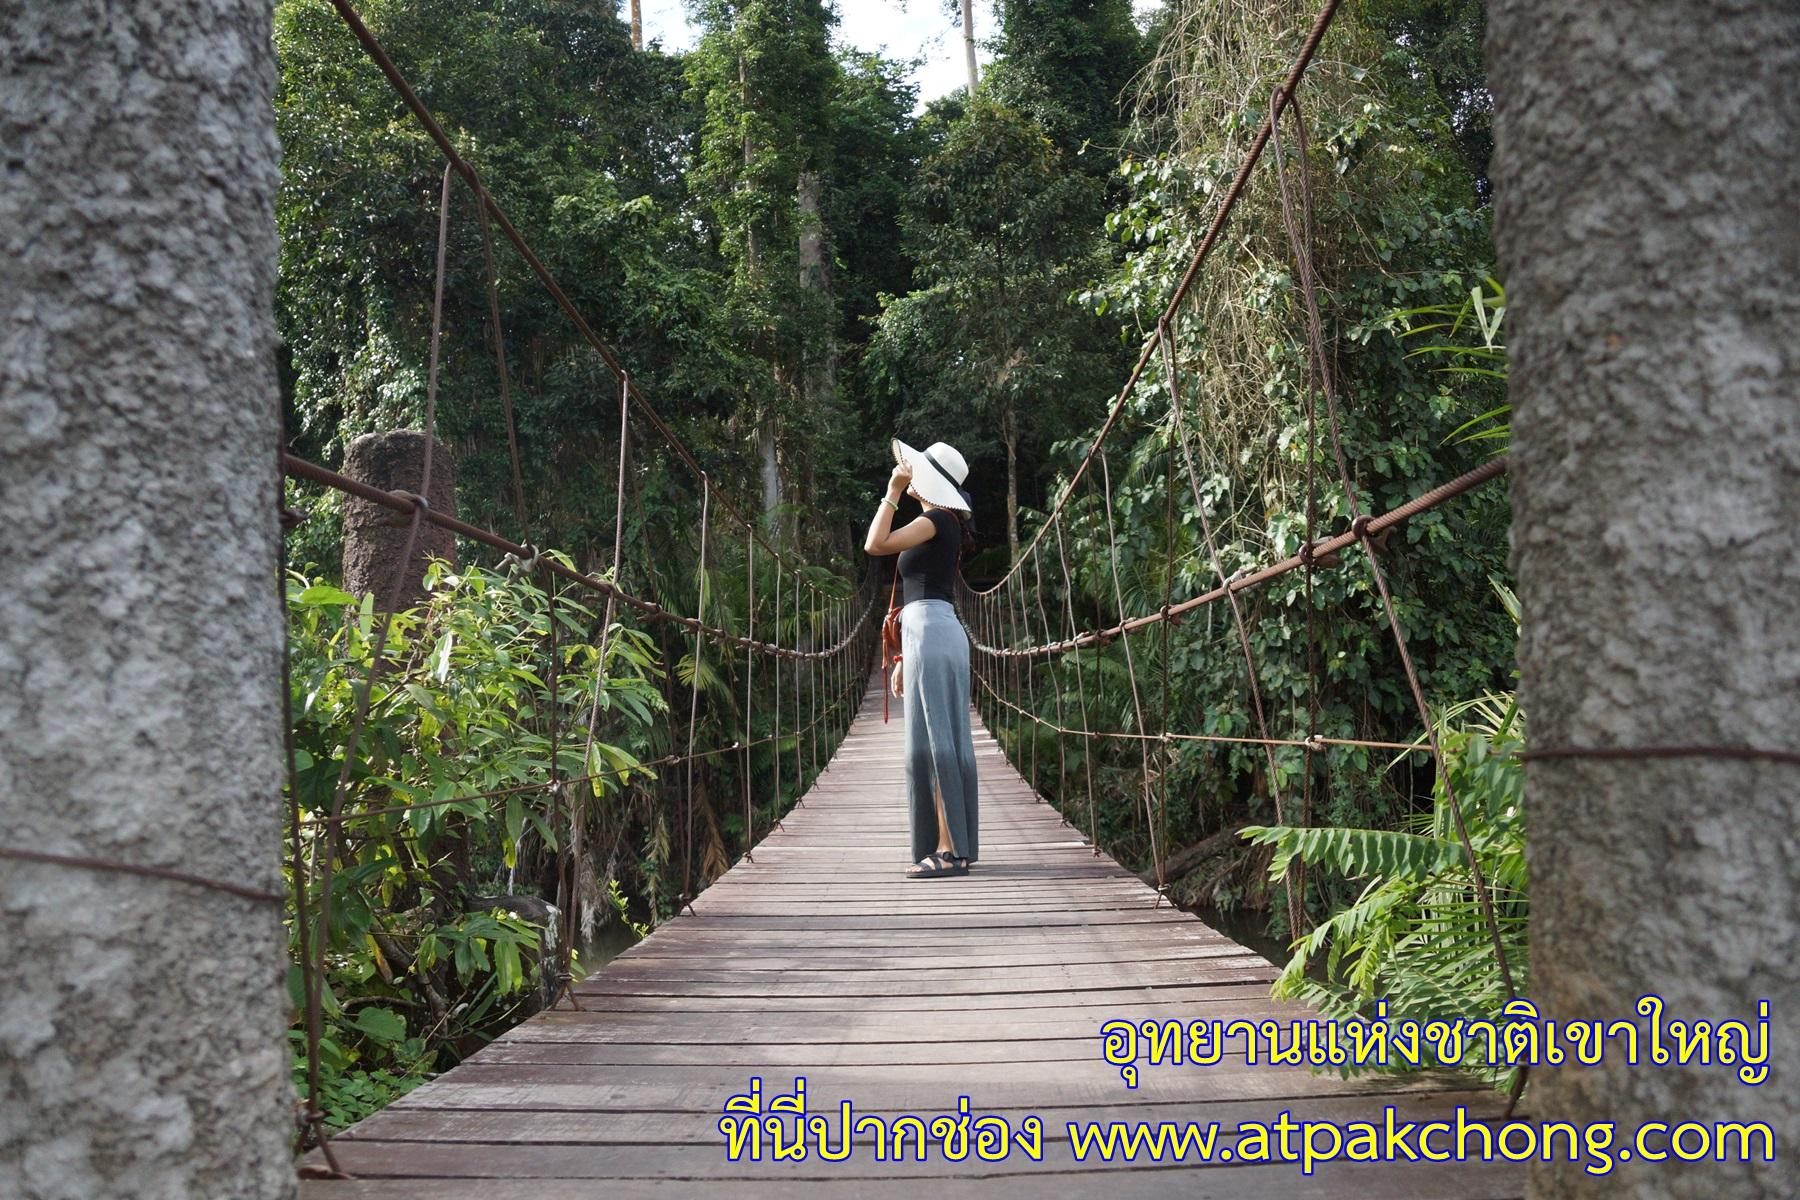 สะพานข้ามลำตะคอง ด้านหลังศูนย์บริการนักท่องเที่ยว อุทยานแห่งชาติเขาใหญ่